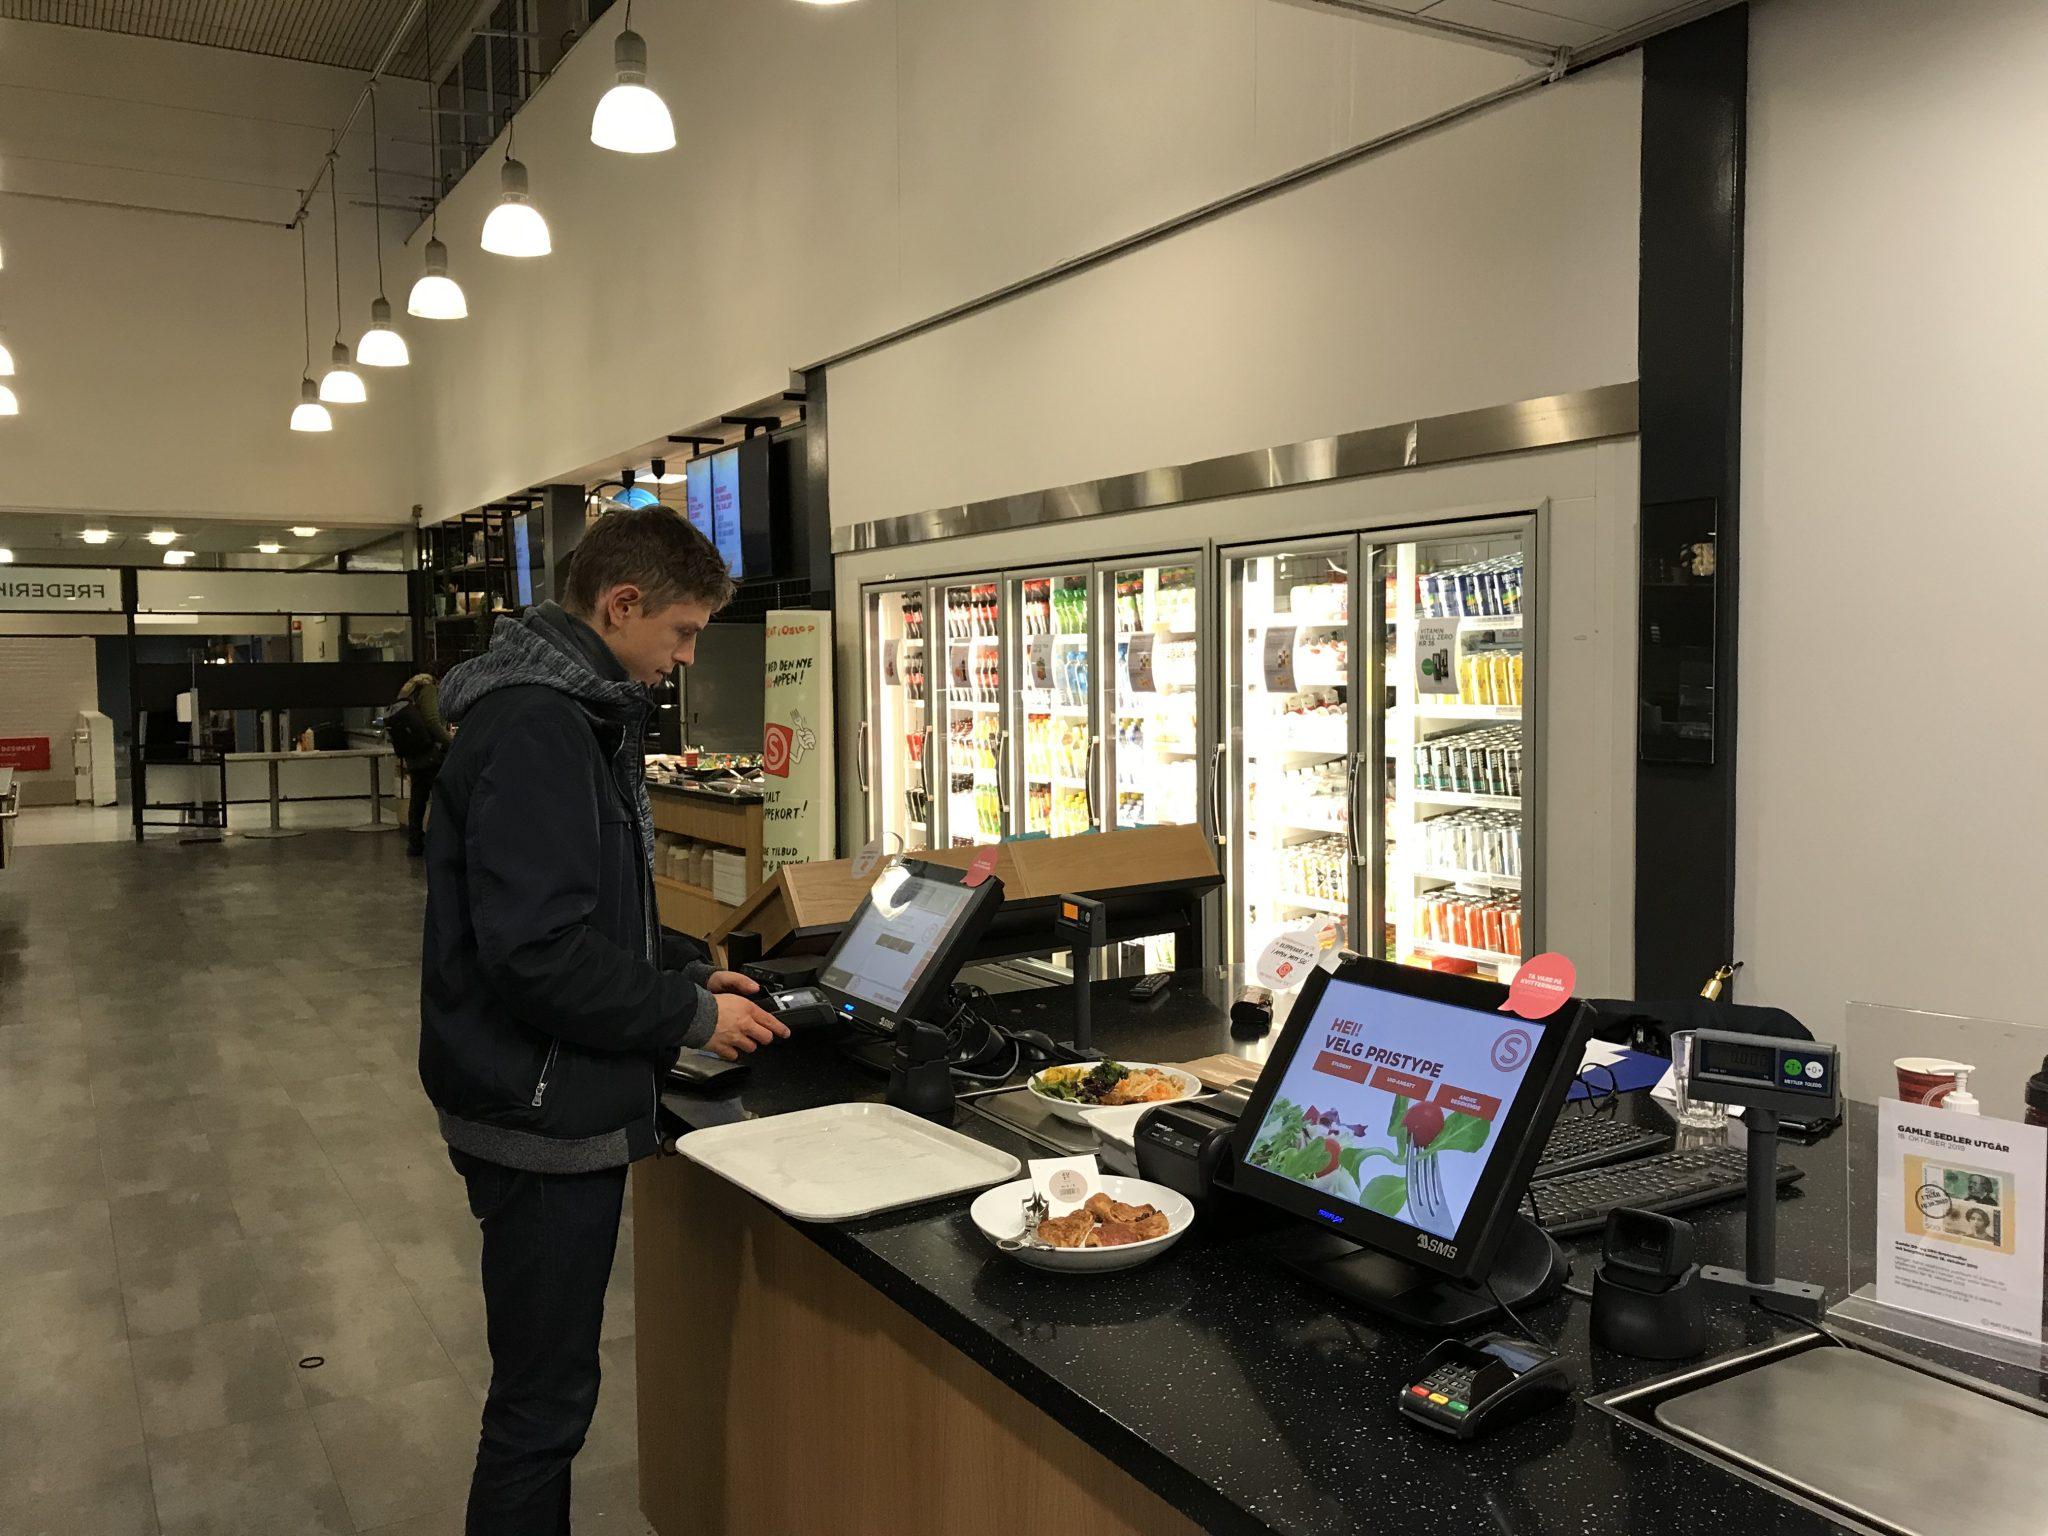 In der Mensa der Universität Oslo gibt es keine Mitarbeiter und kein Bargeld mehr. Studierende zahlen selbstständig mittels Chipkarte. Foto: Lena Fiedler